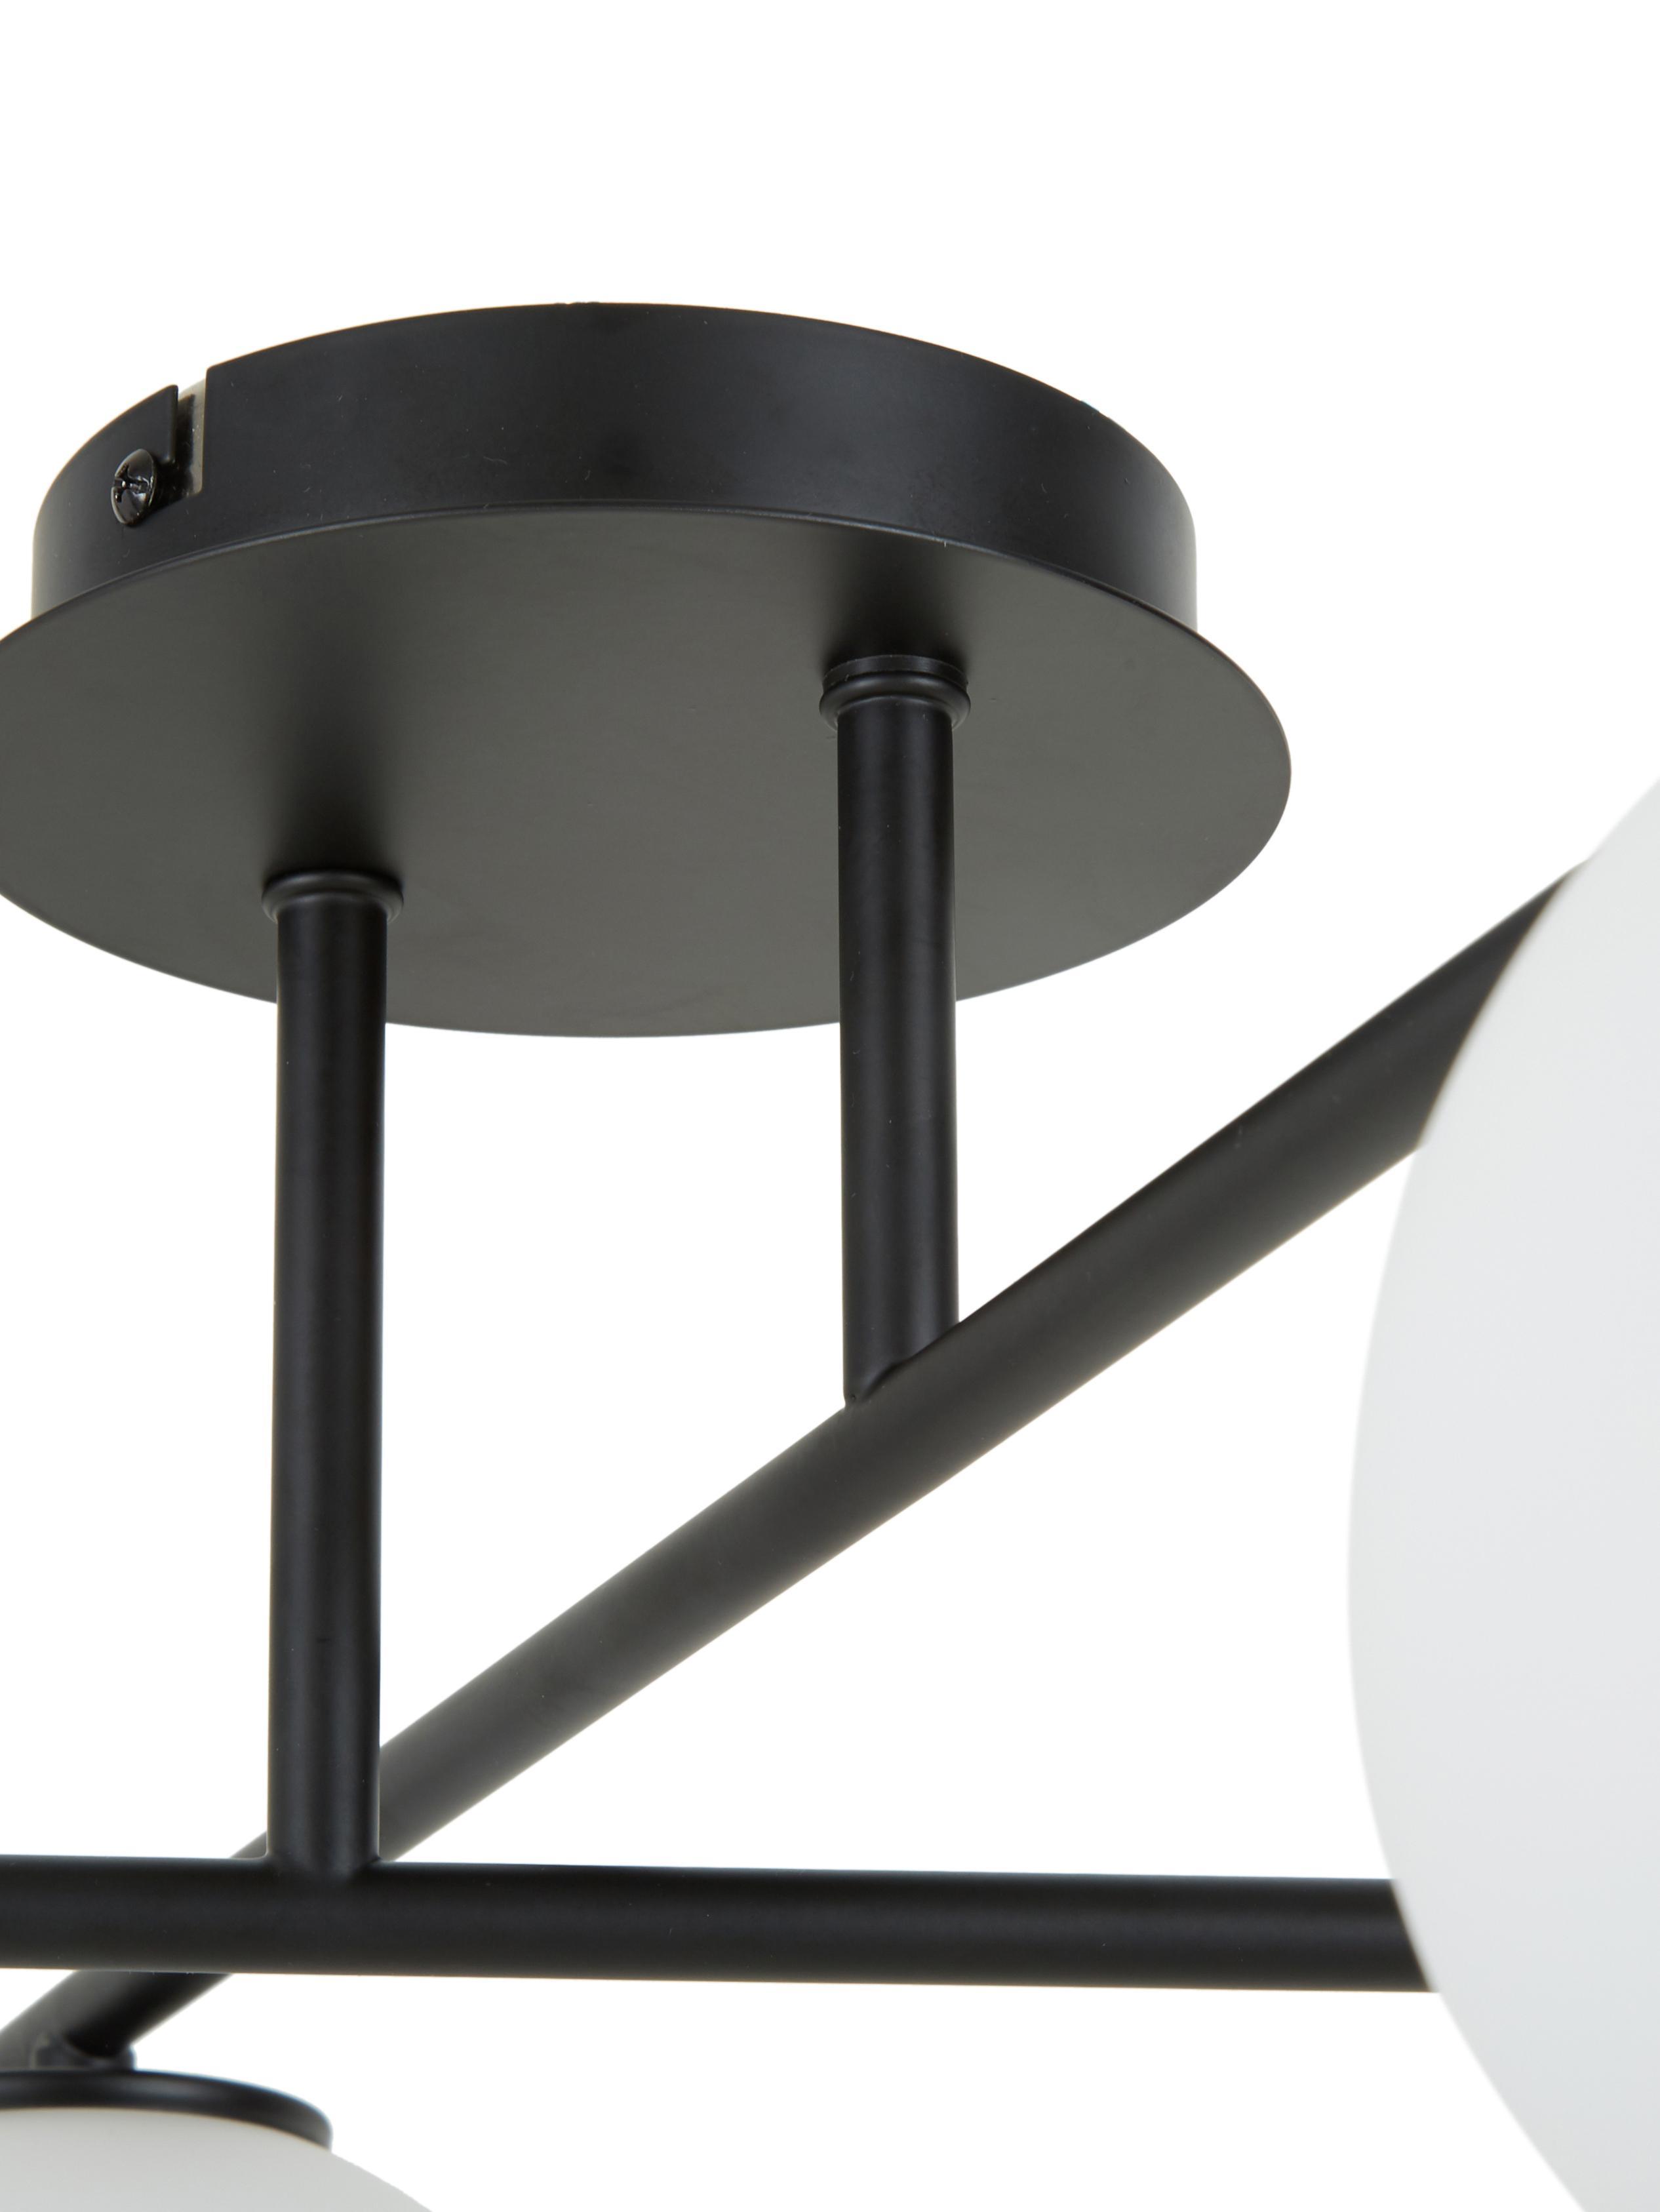 Deckenleuchte Atlanta in Schwarz, drehbar, Baldachin: Metall, pulverbeschichtet, Schwarz, 65 x 30 cm